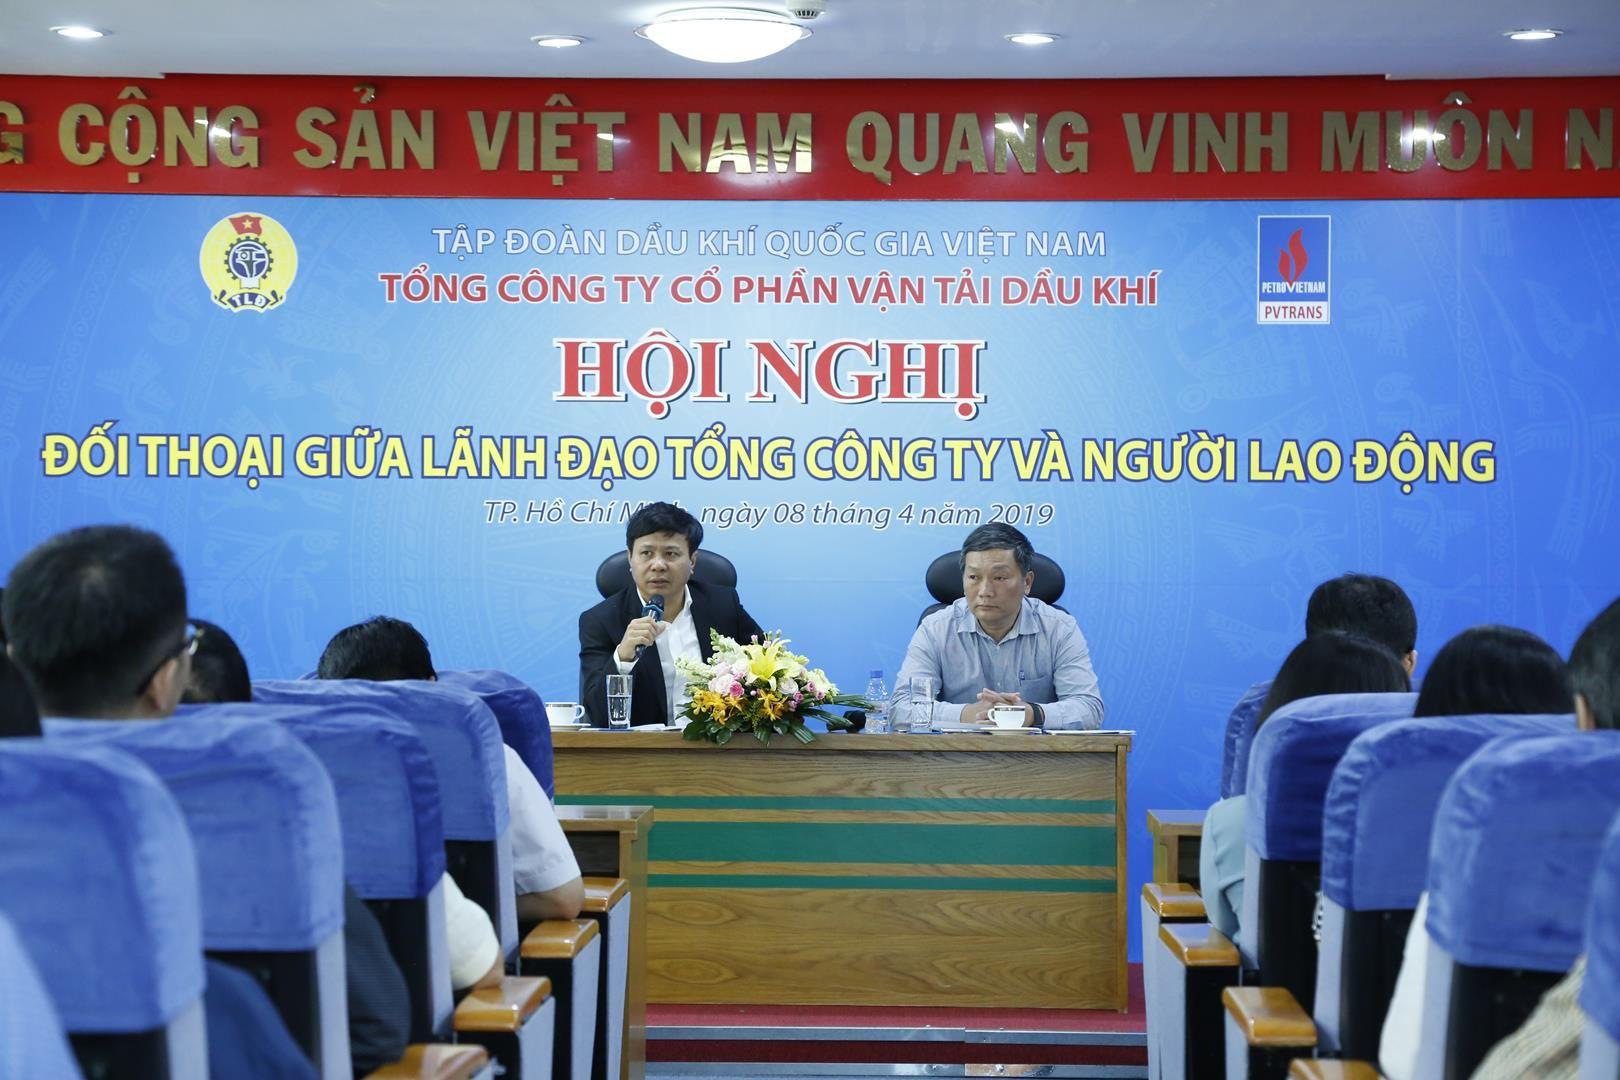 PVTrans tổ chức Hội nghị đối thoại người lao động năm 2019